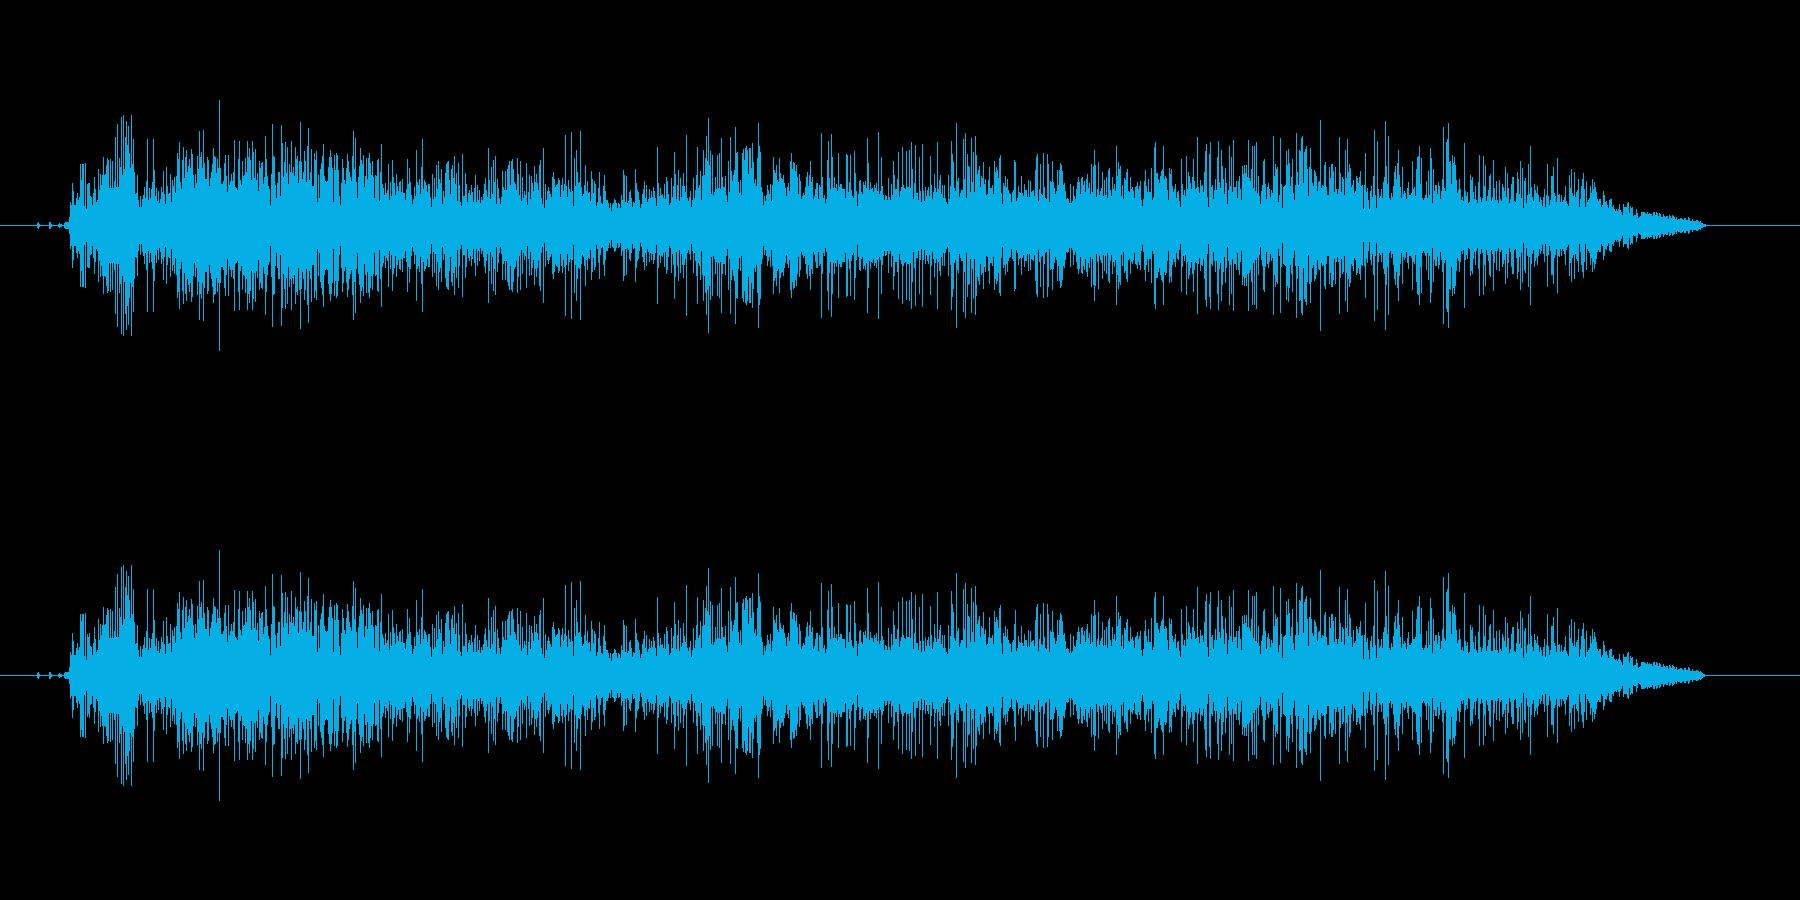 叫び声(う゛え゛え゛え゛え゛)の再生済みの波形